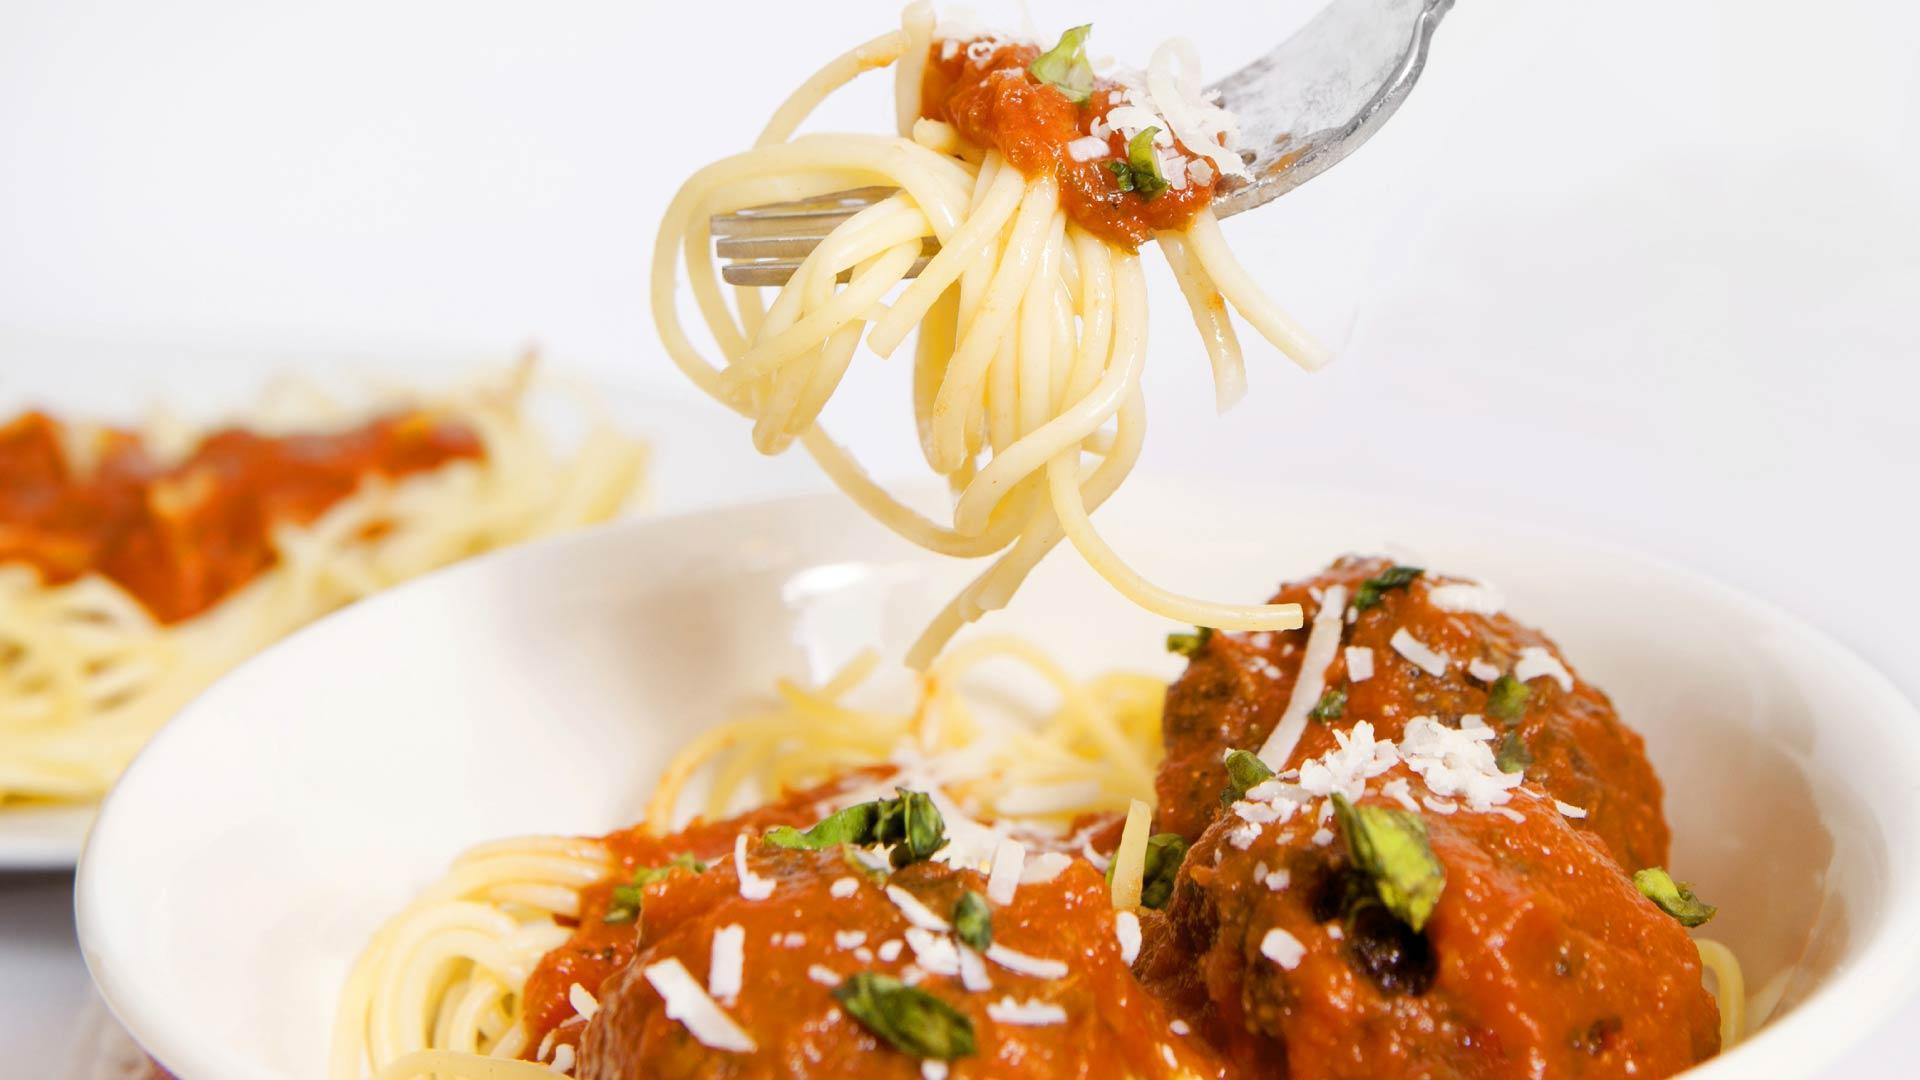 Lohipyörykät tomaattikastikkeessa Lindströmin kalapihvi tillinsiemenkastikkeella | Kalareseptit | Hätälä